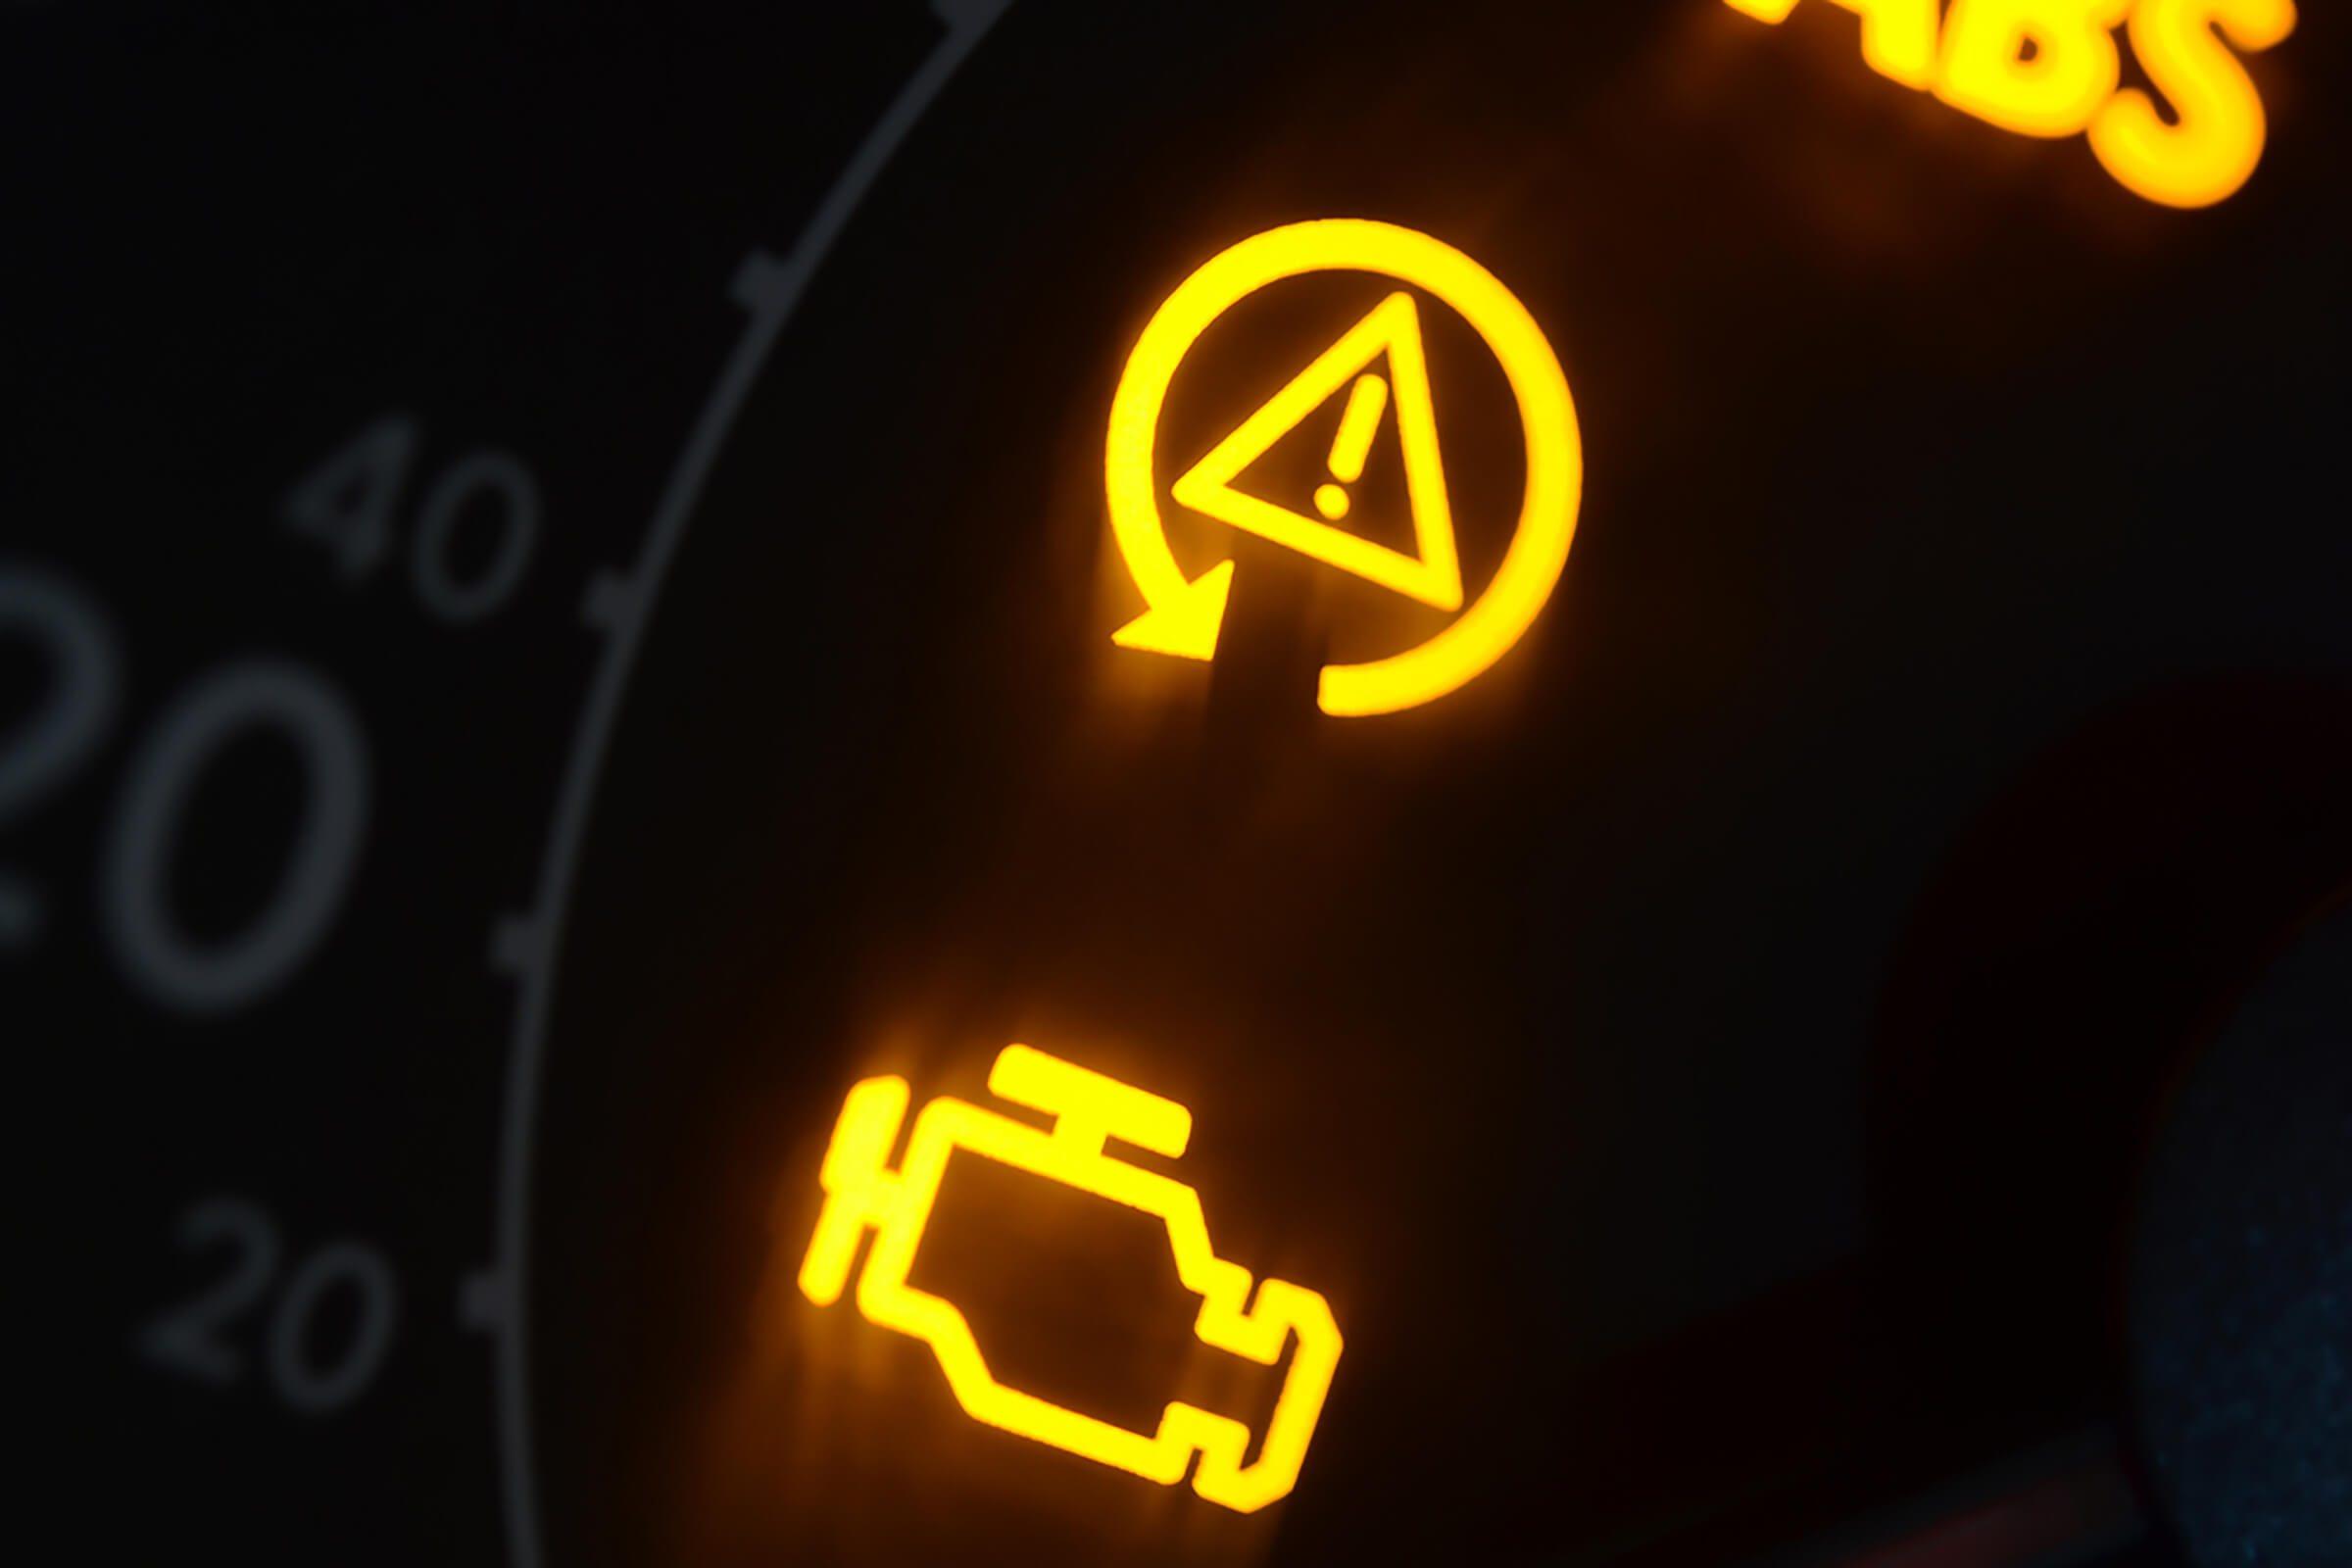 dashboard-lights